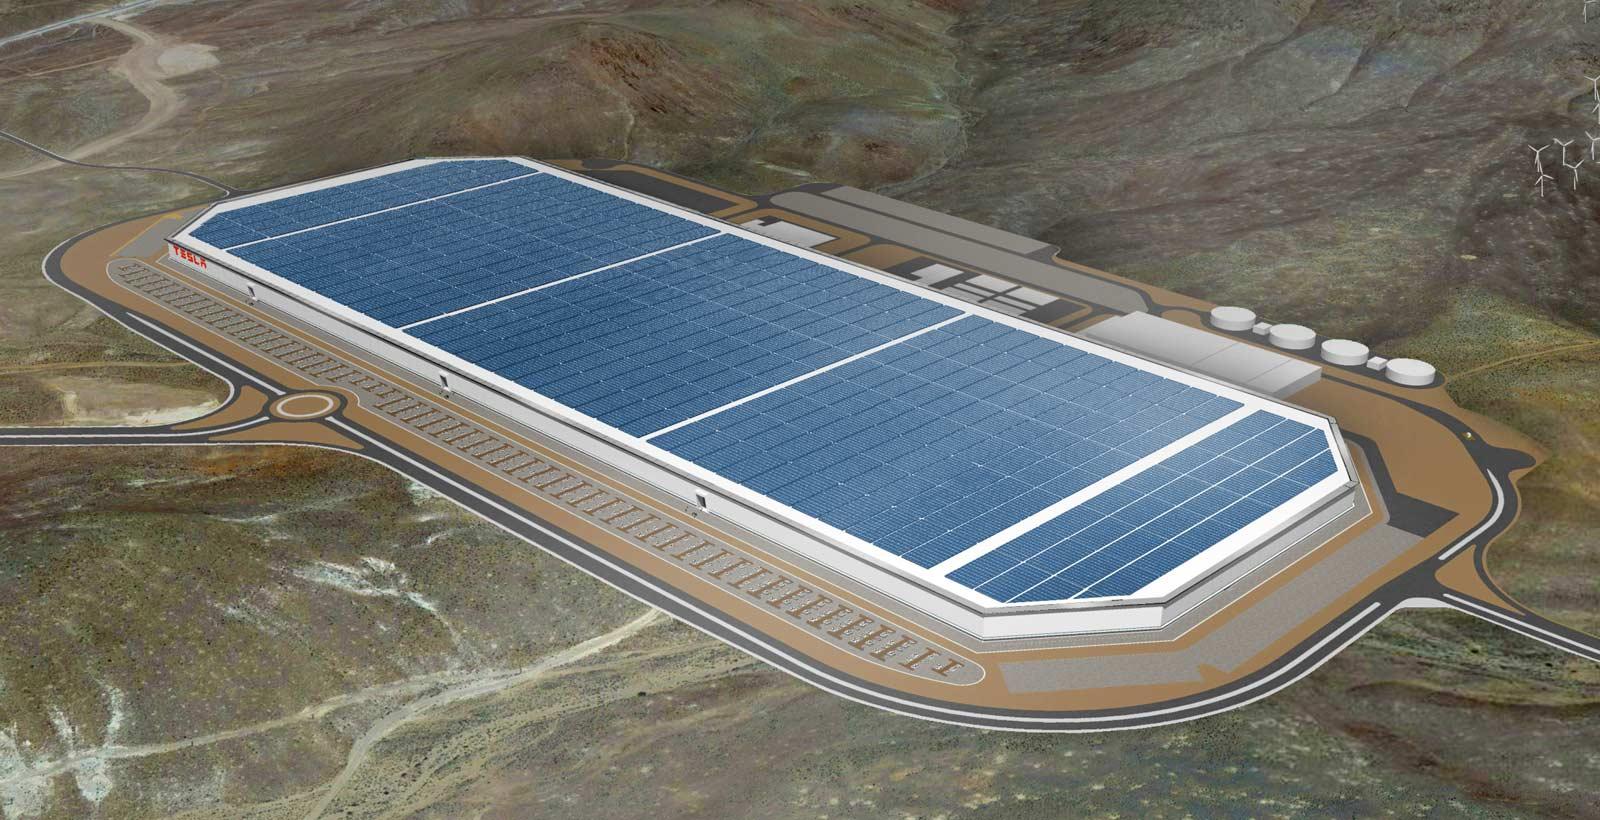 Modélisation 3D de l'usine Gigafactory de Tesla.